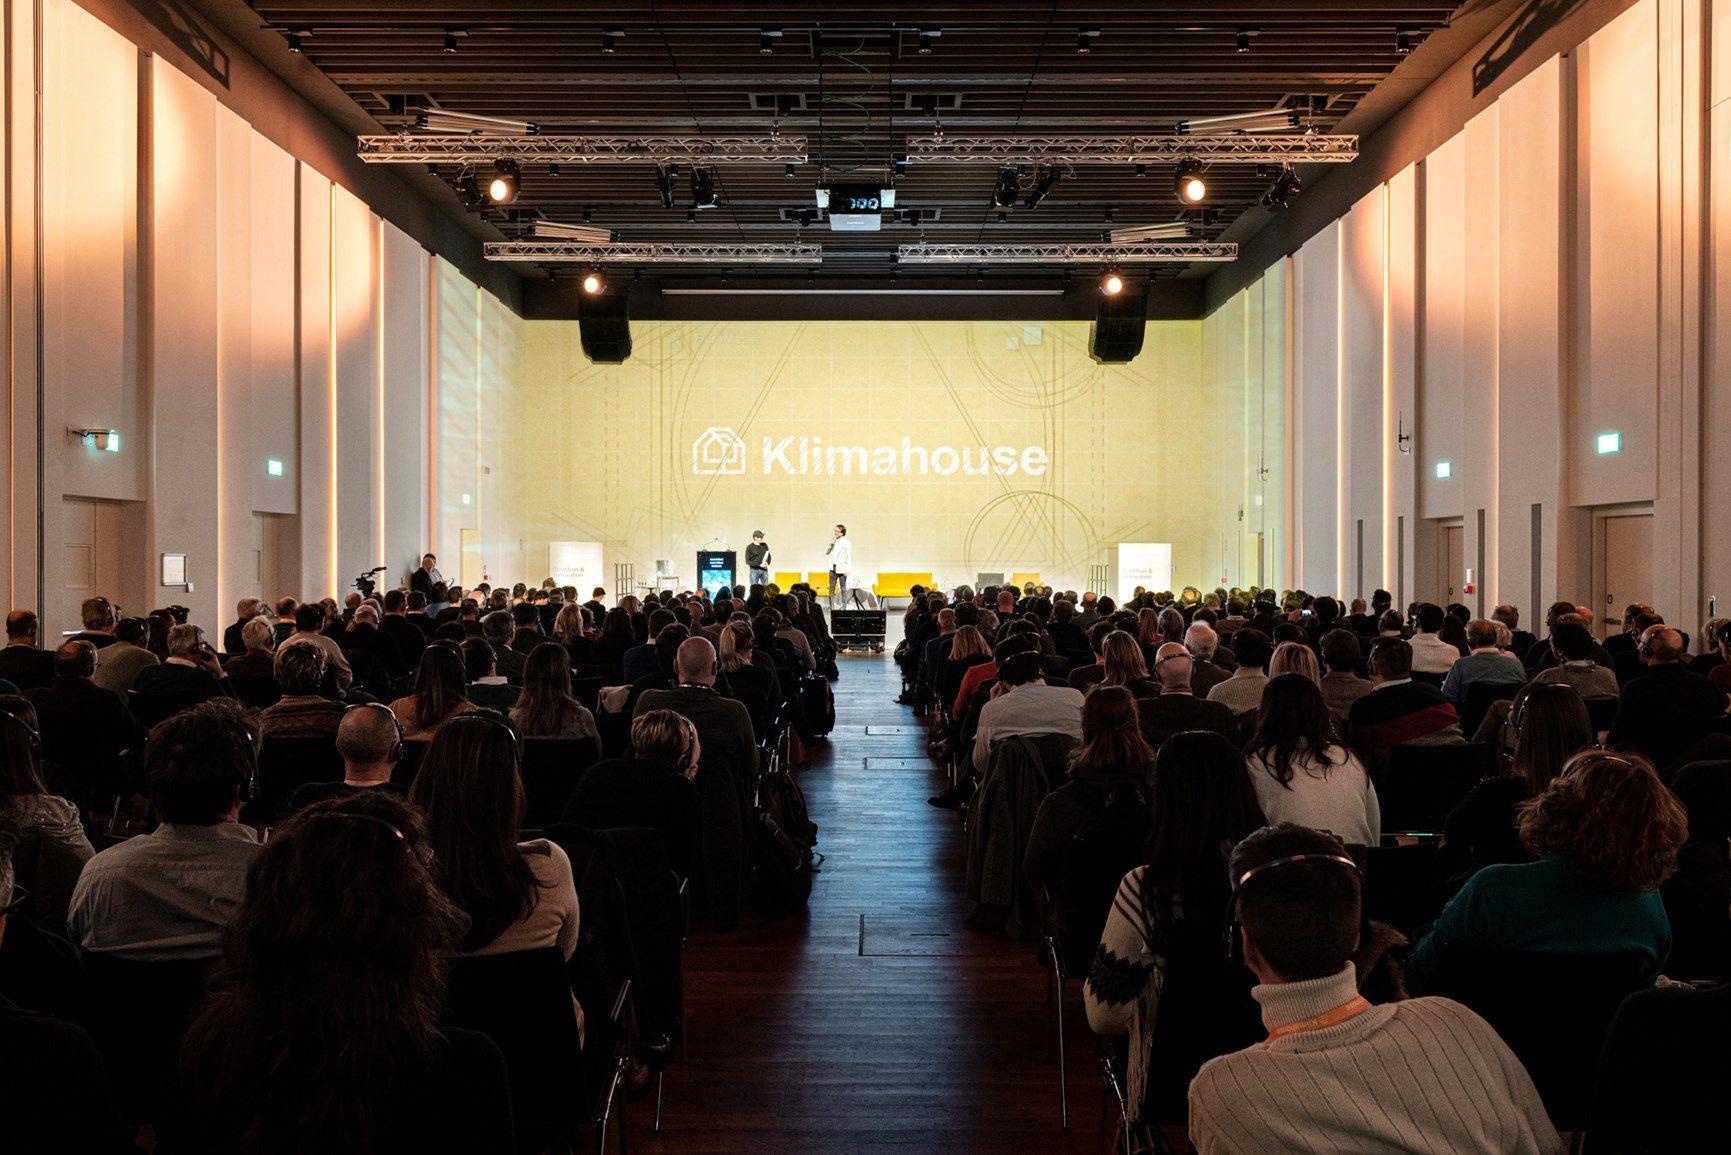 Klimahouse 2020: la chiave del futuro è fare eco-sistema